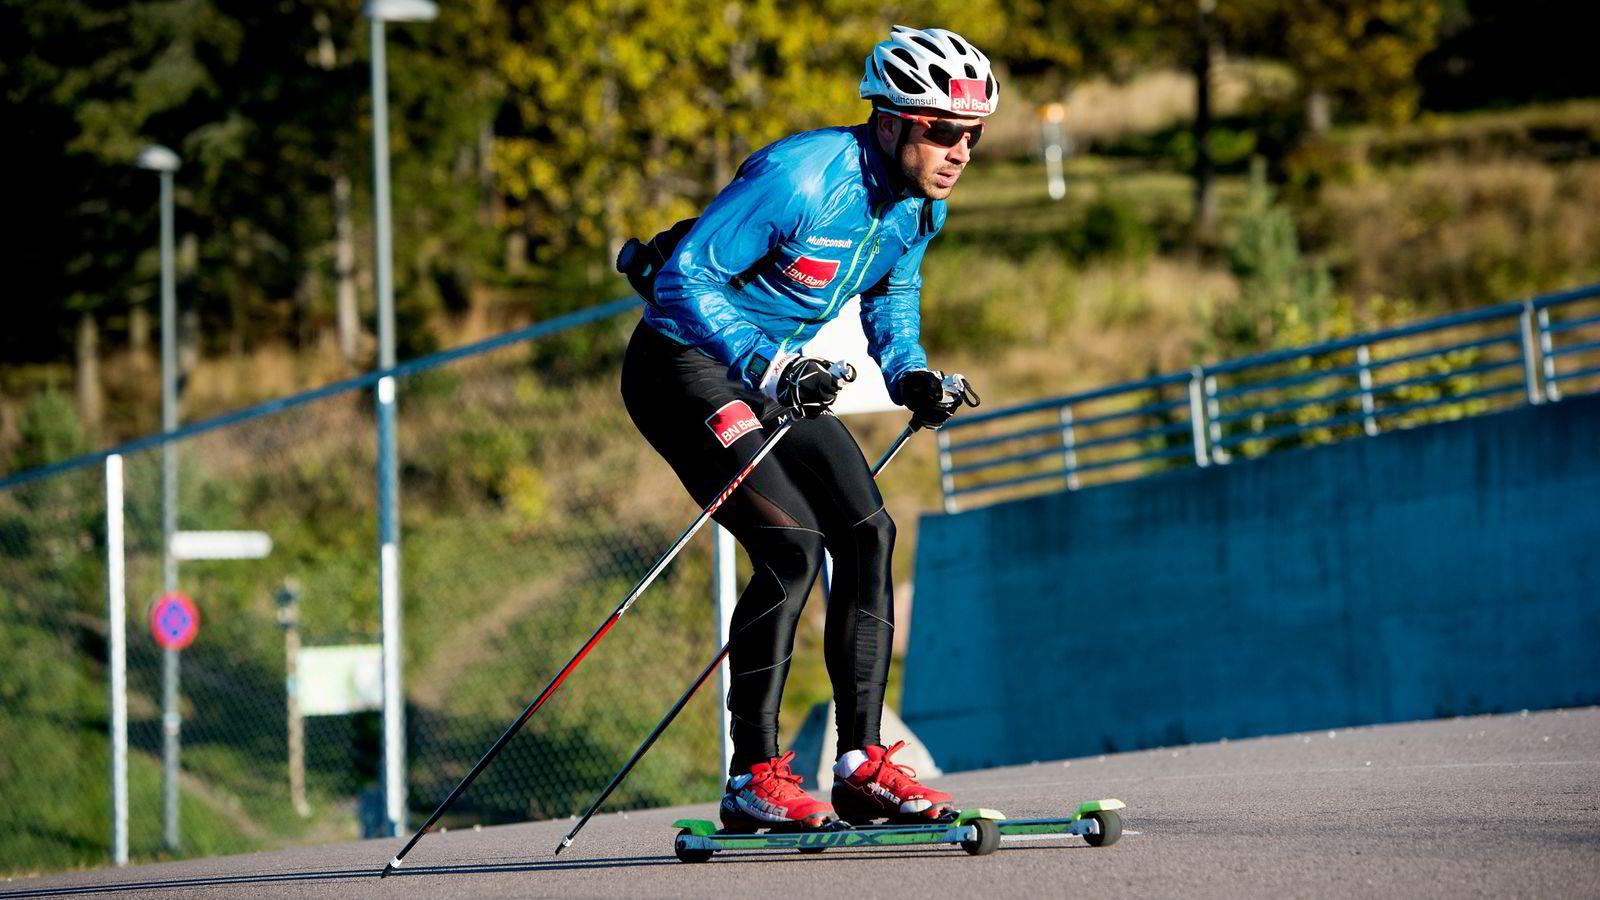 Nils-Ingar Aadne trener i Holmenkollen, men må korte ned på stavlengden etter nye regler fra FIS.